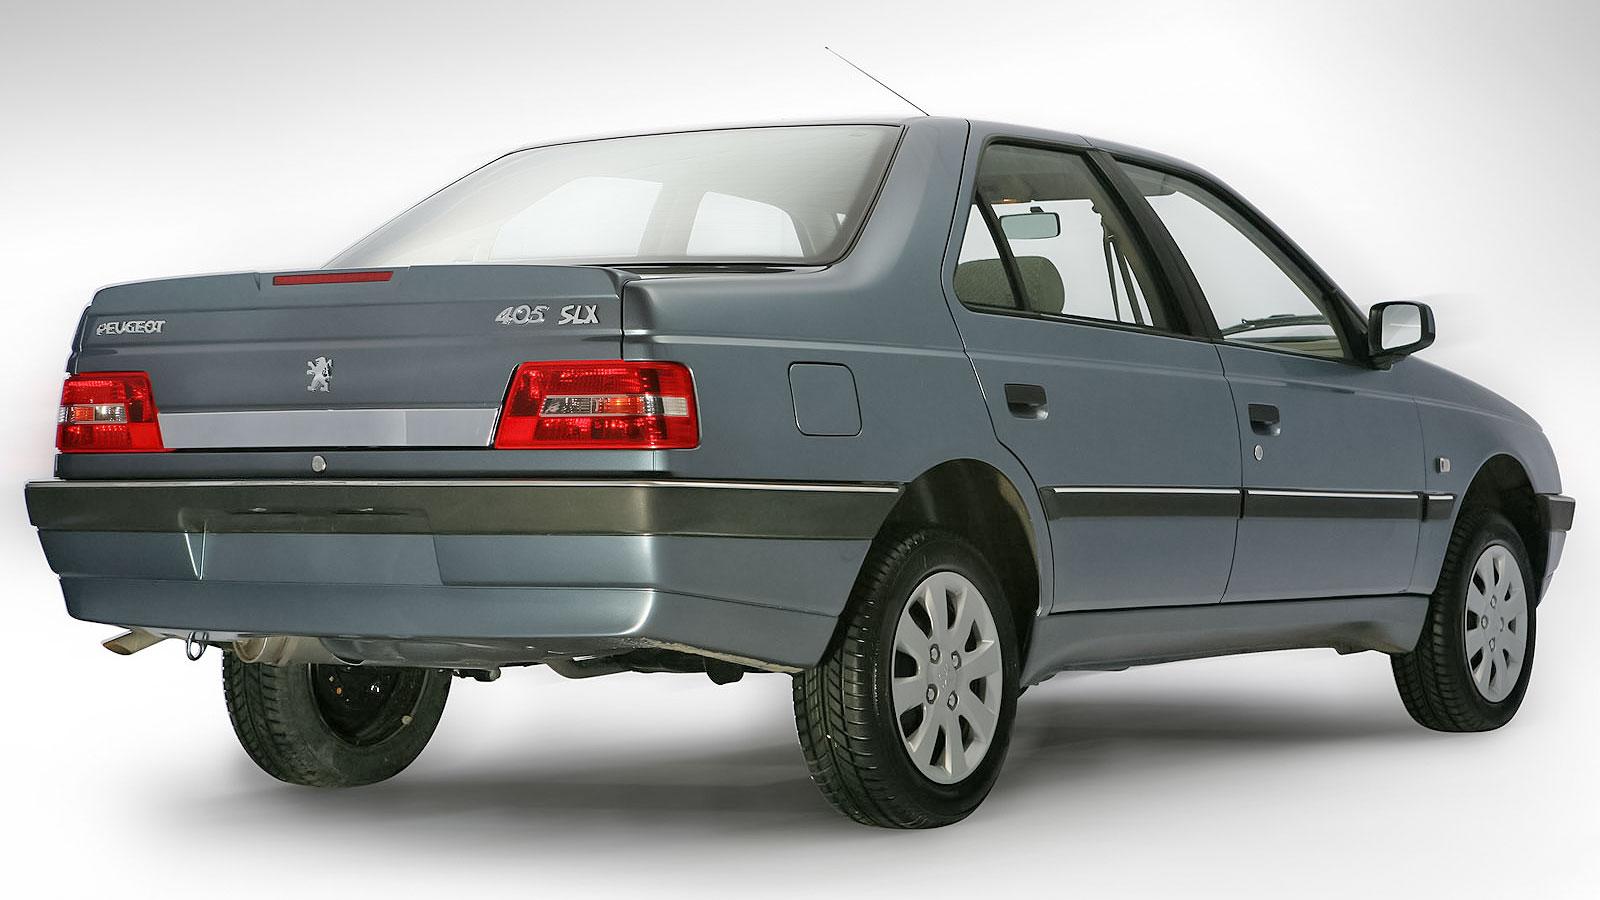 قیمت پژو ۴۰۵ SLX مرداد ۹۸ رسما توسط ایران خودرو اعلام شد